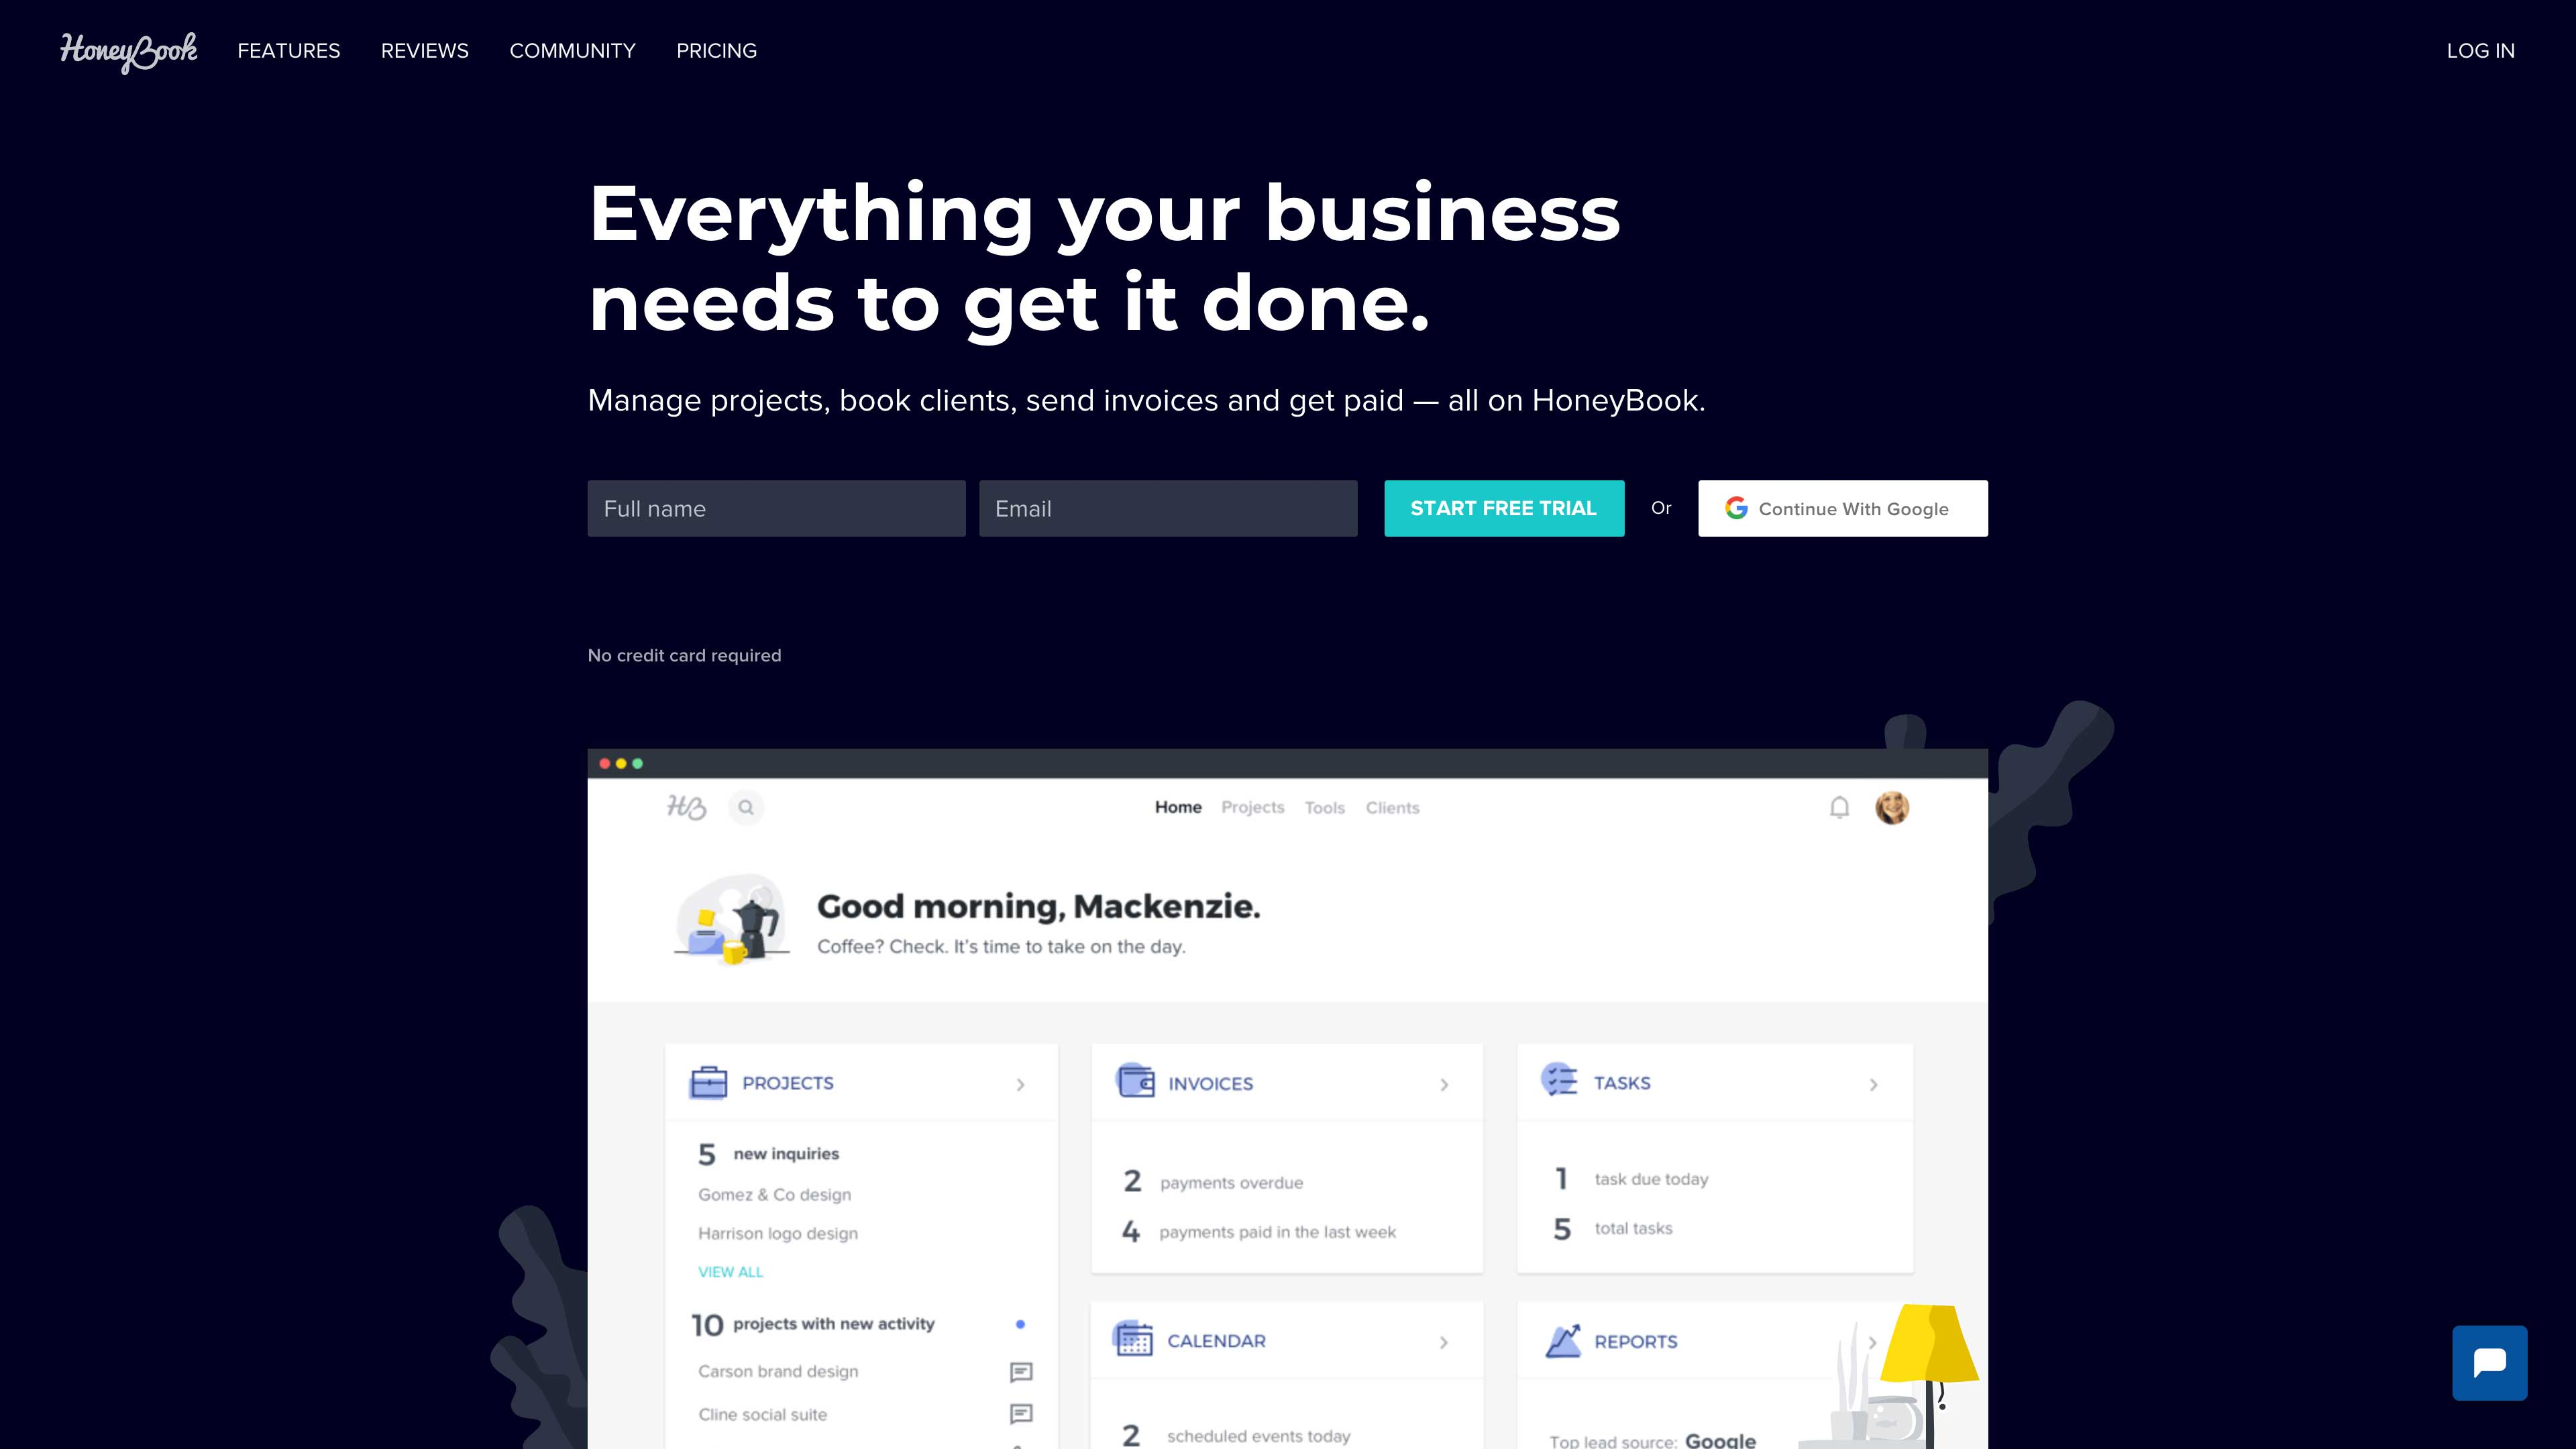 HoneyBook website.